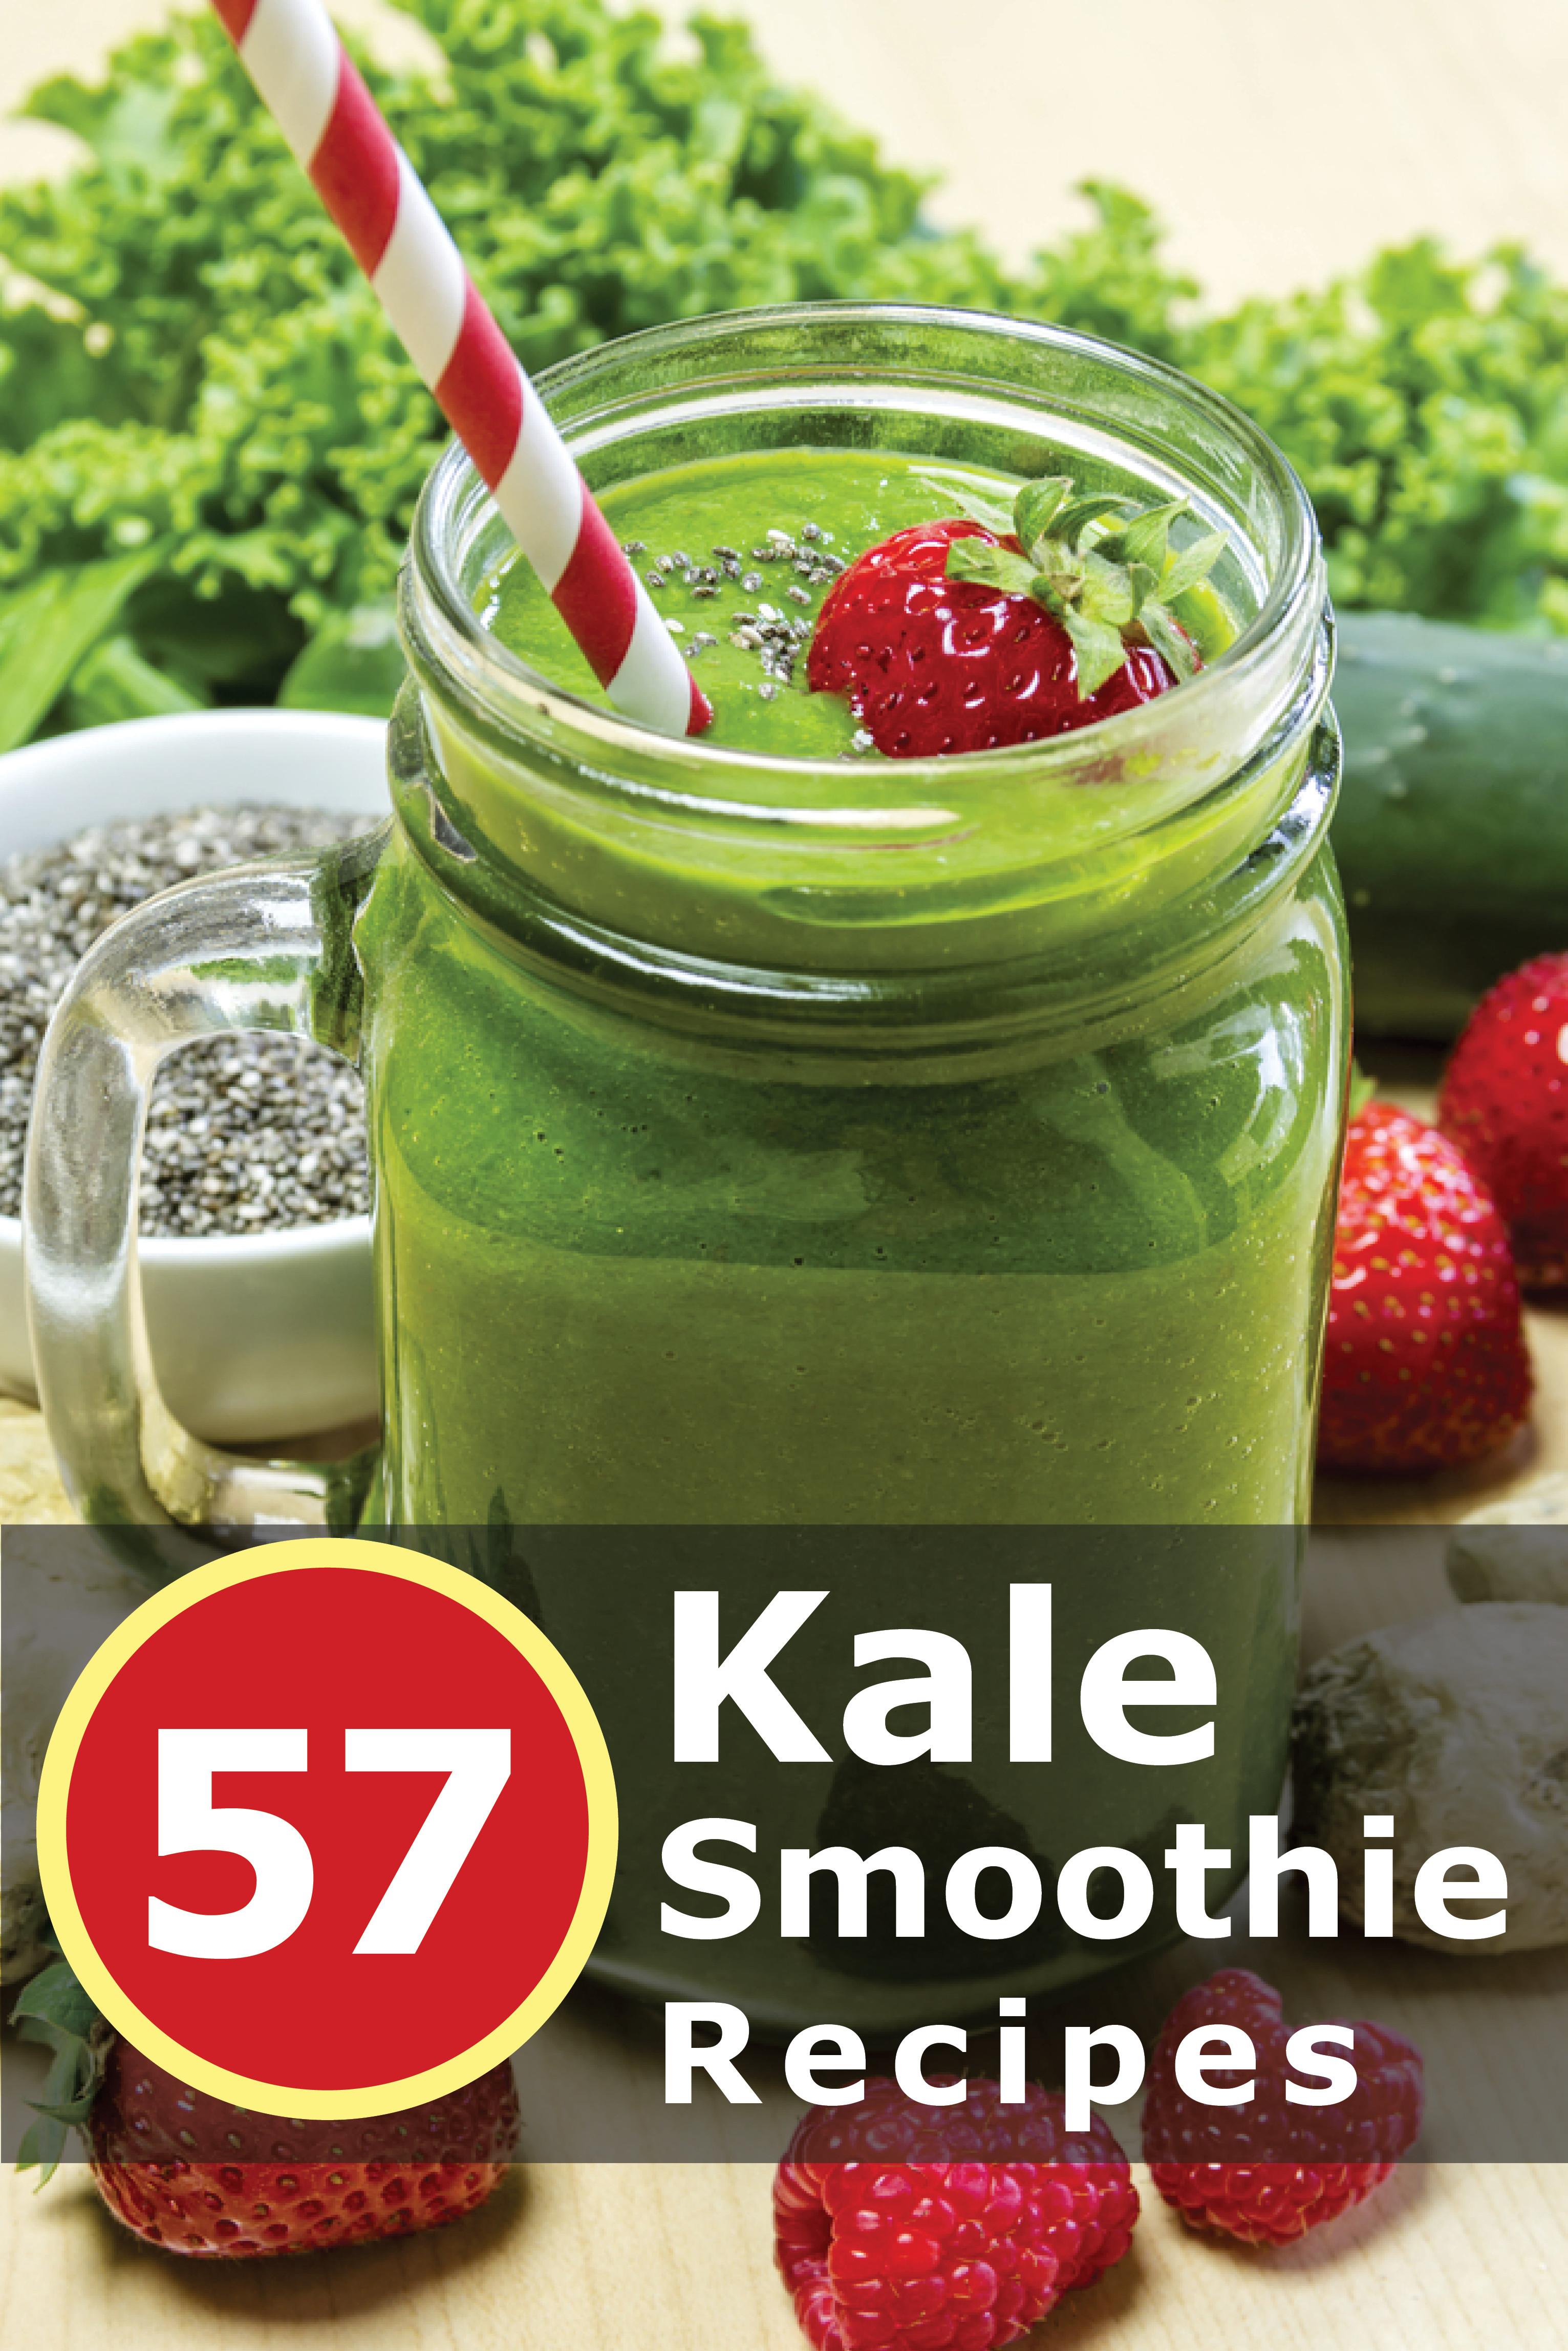 Kale Smoothie Recipes  57 Amazing Vegan and Paleo Friendly Kale Smoothie Recipes